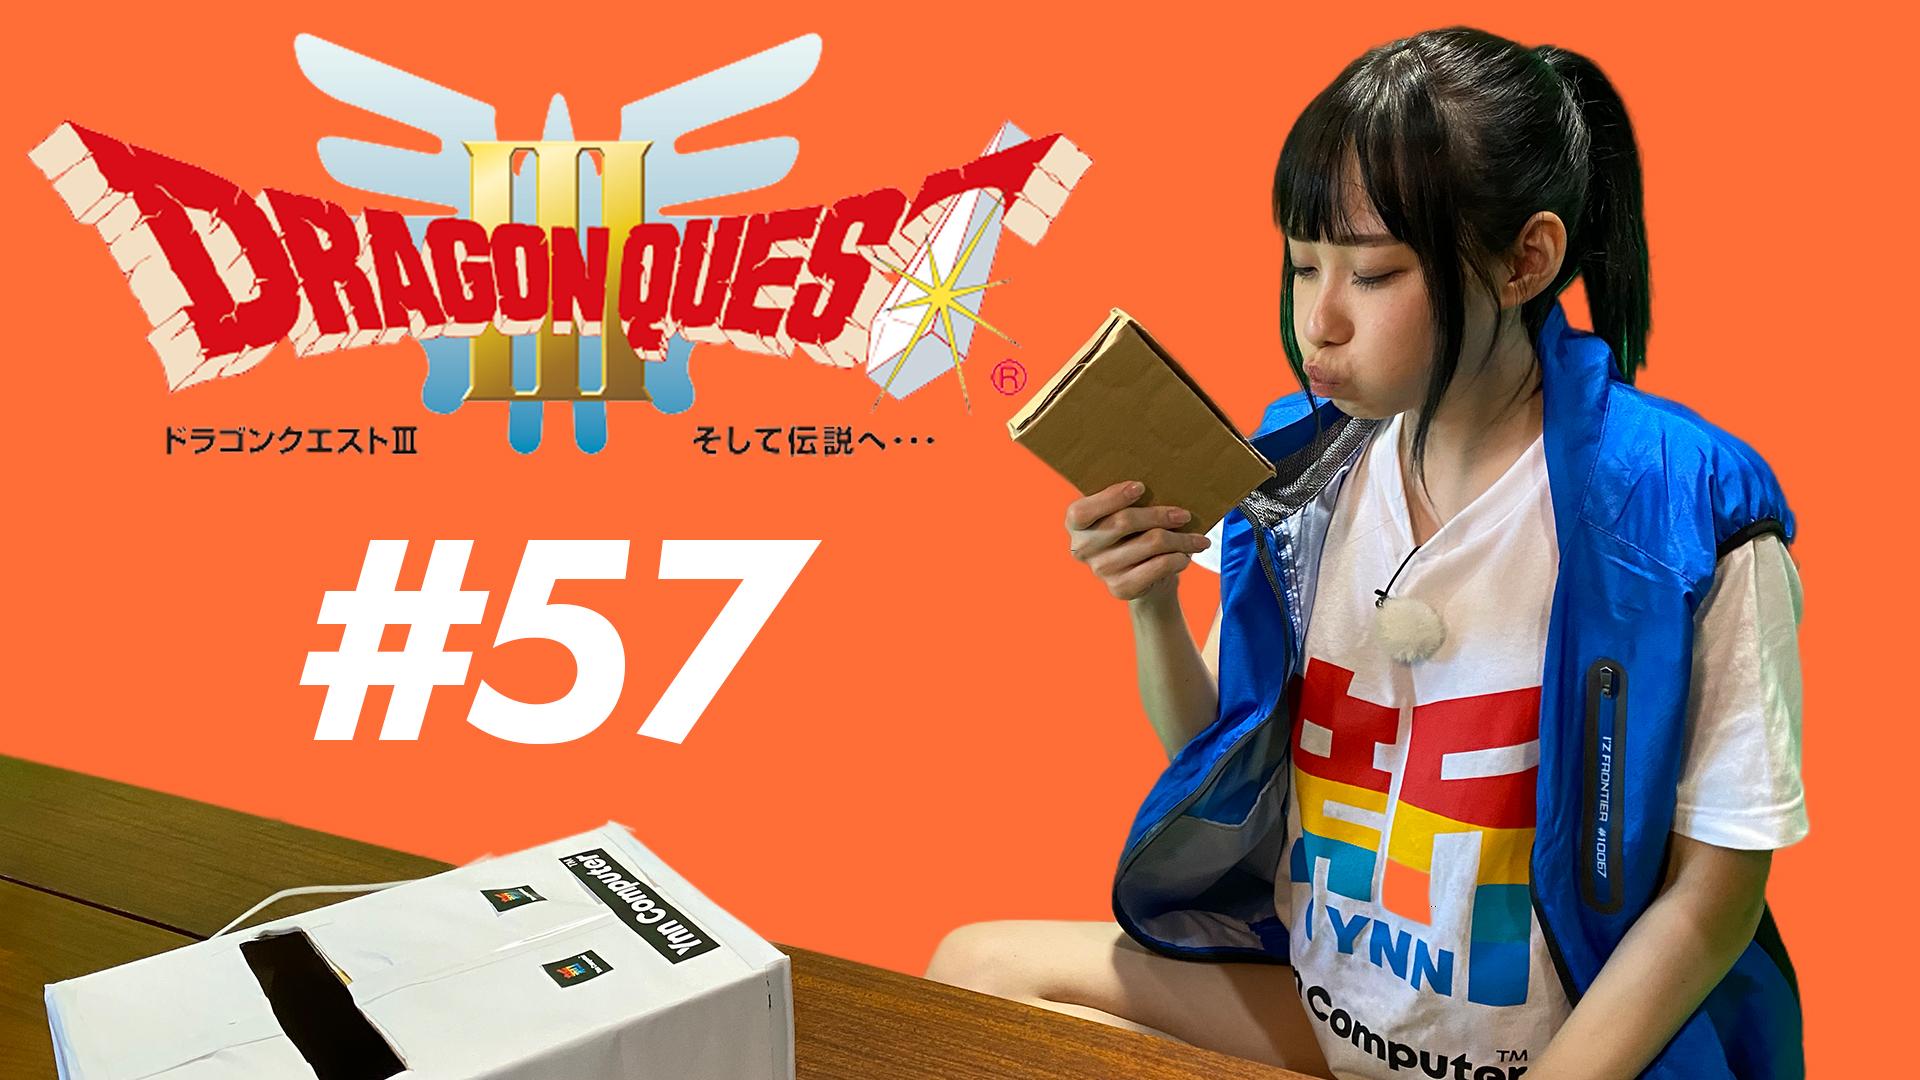 【石塚朱莉】9月16日19時から「石塚朱莉のドラゴンクエスト3実況 #57」生配信